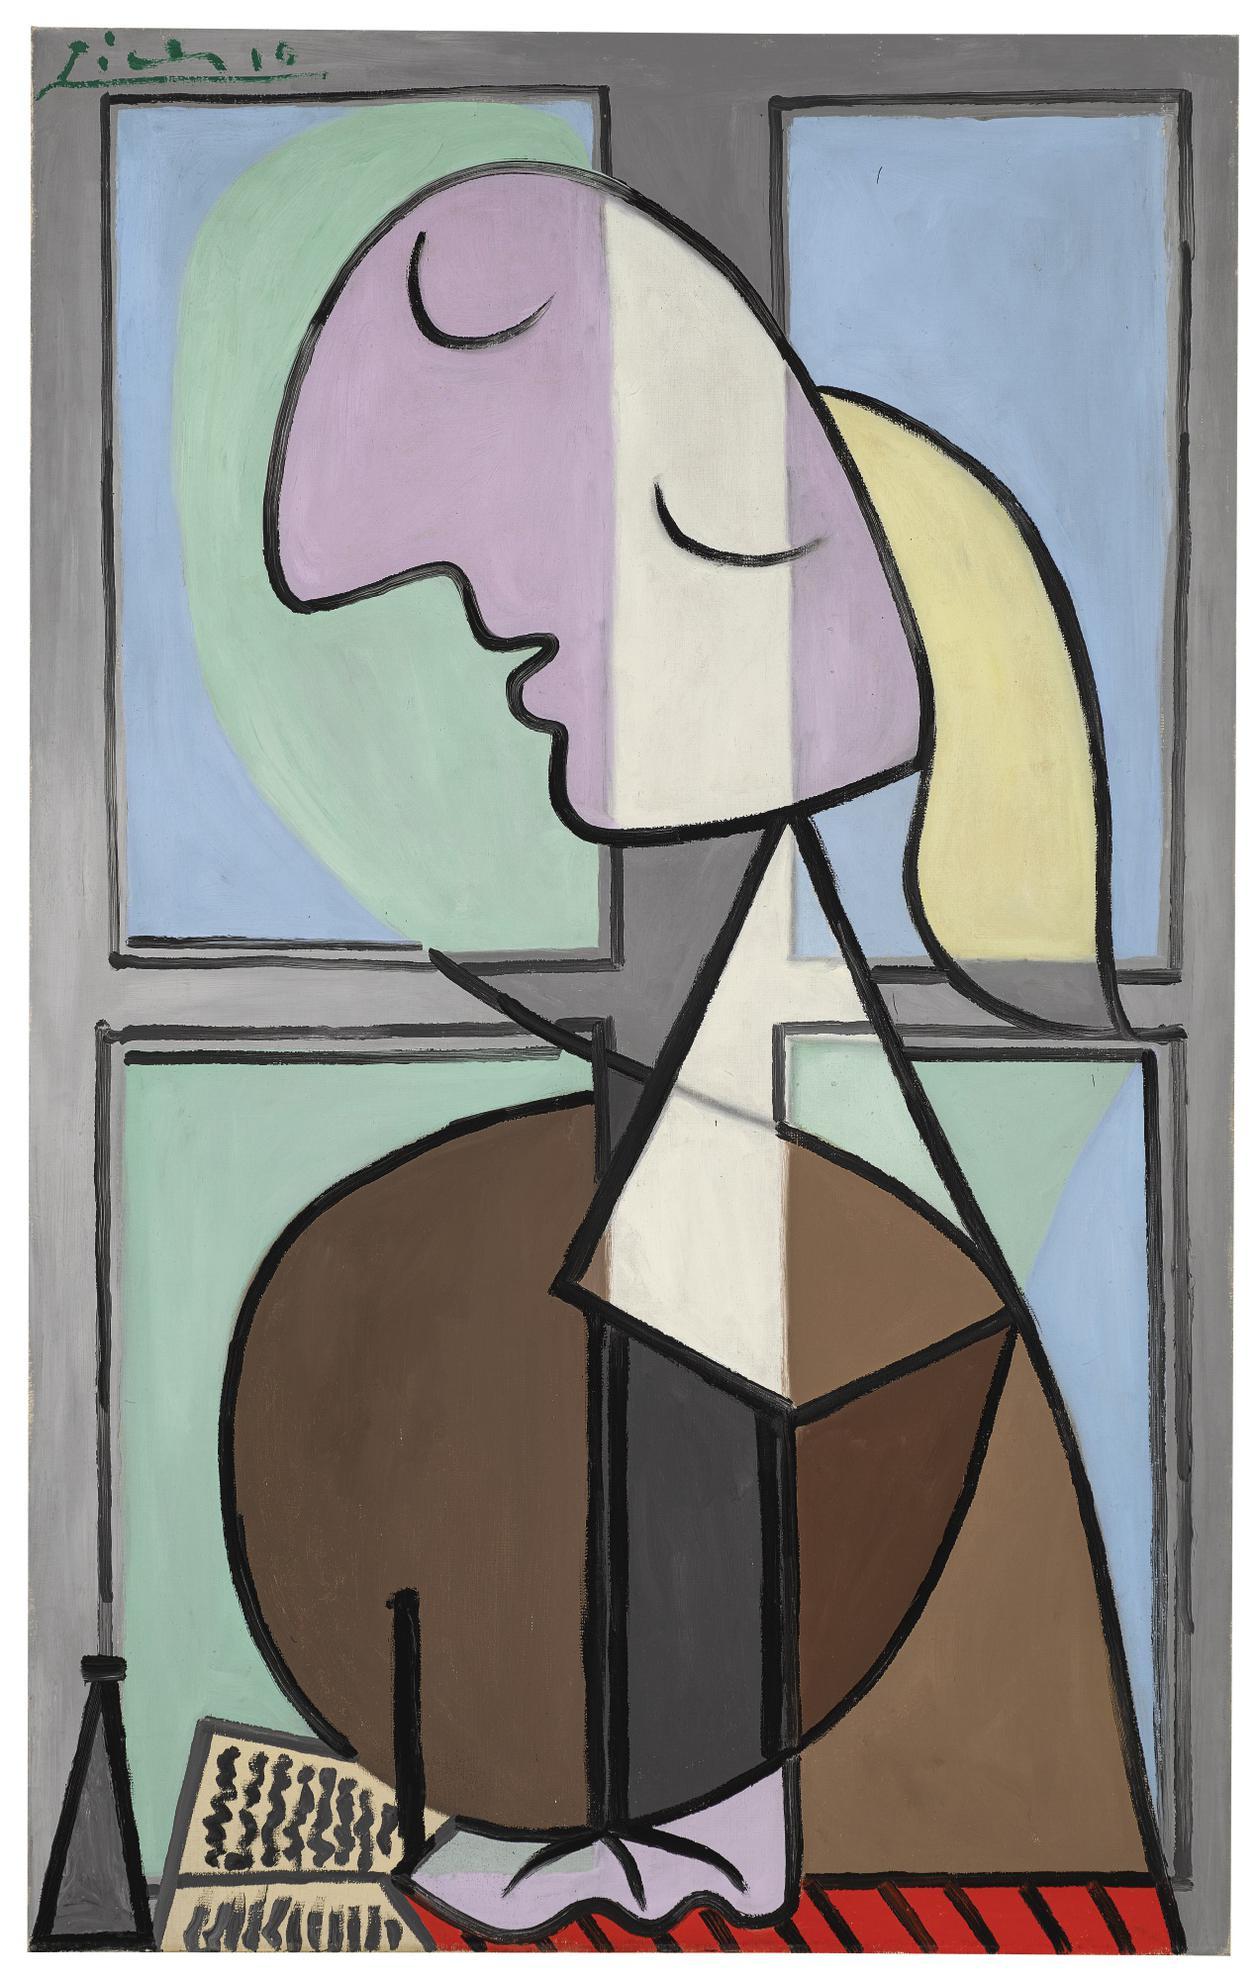 Pablo Picasso-Buste De Femme De Profil (Femme Ecrivant)-1932